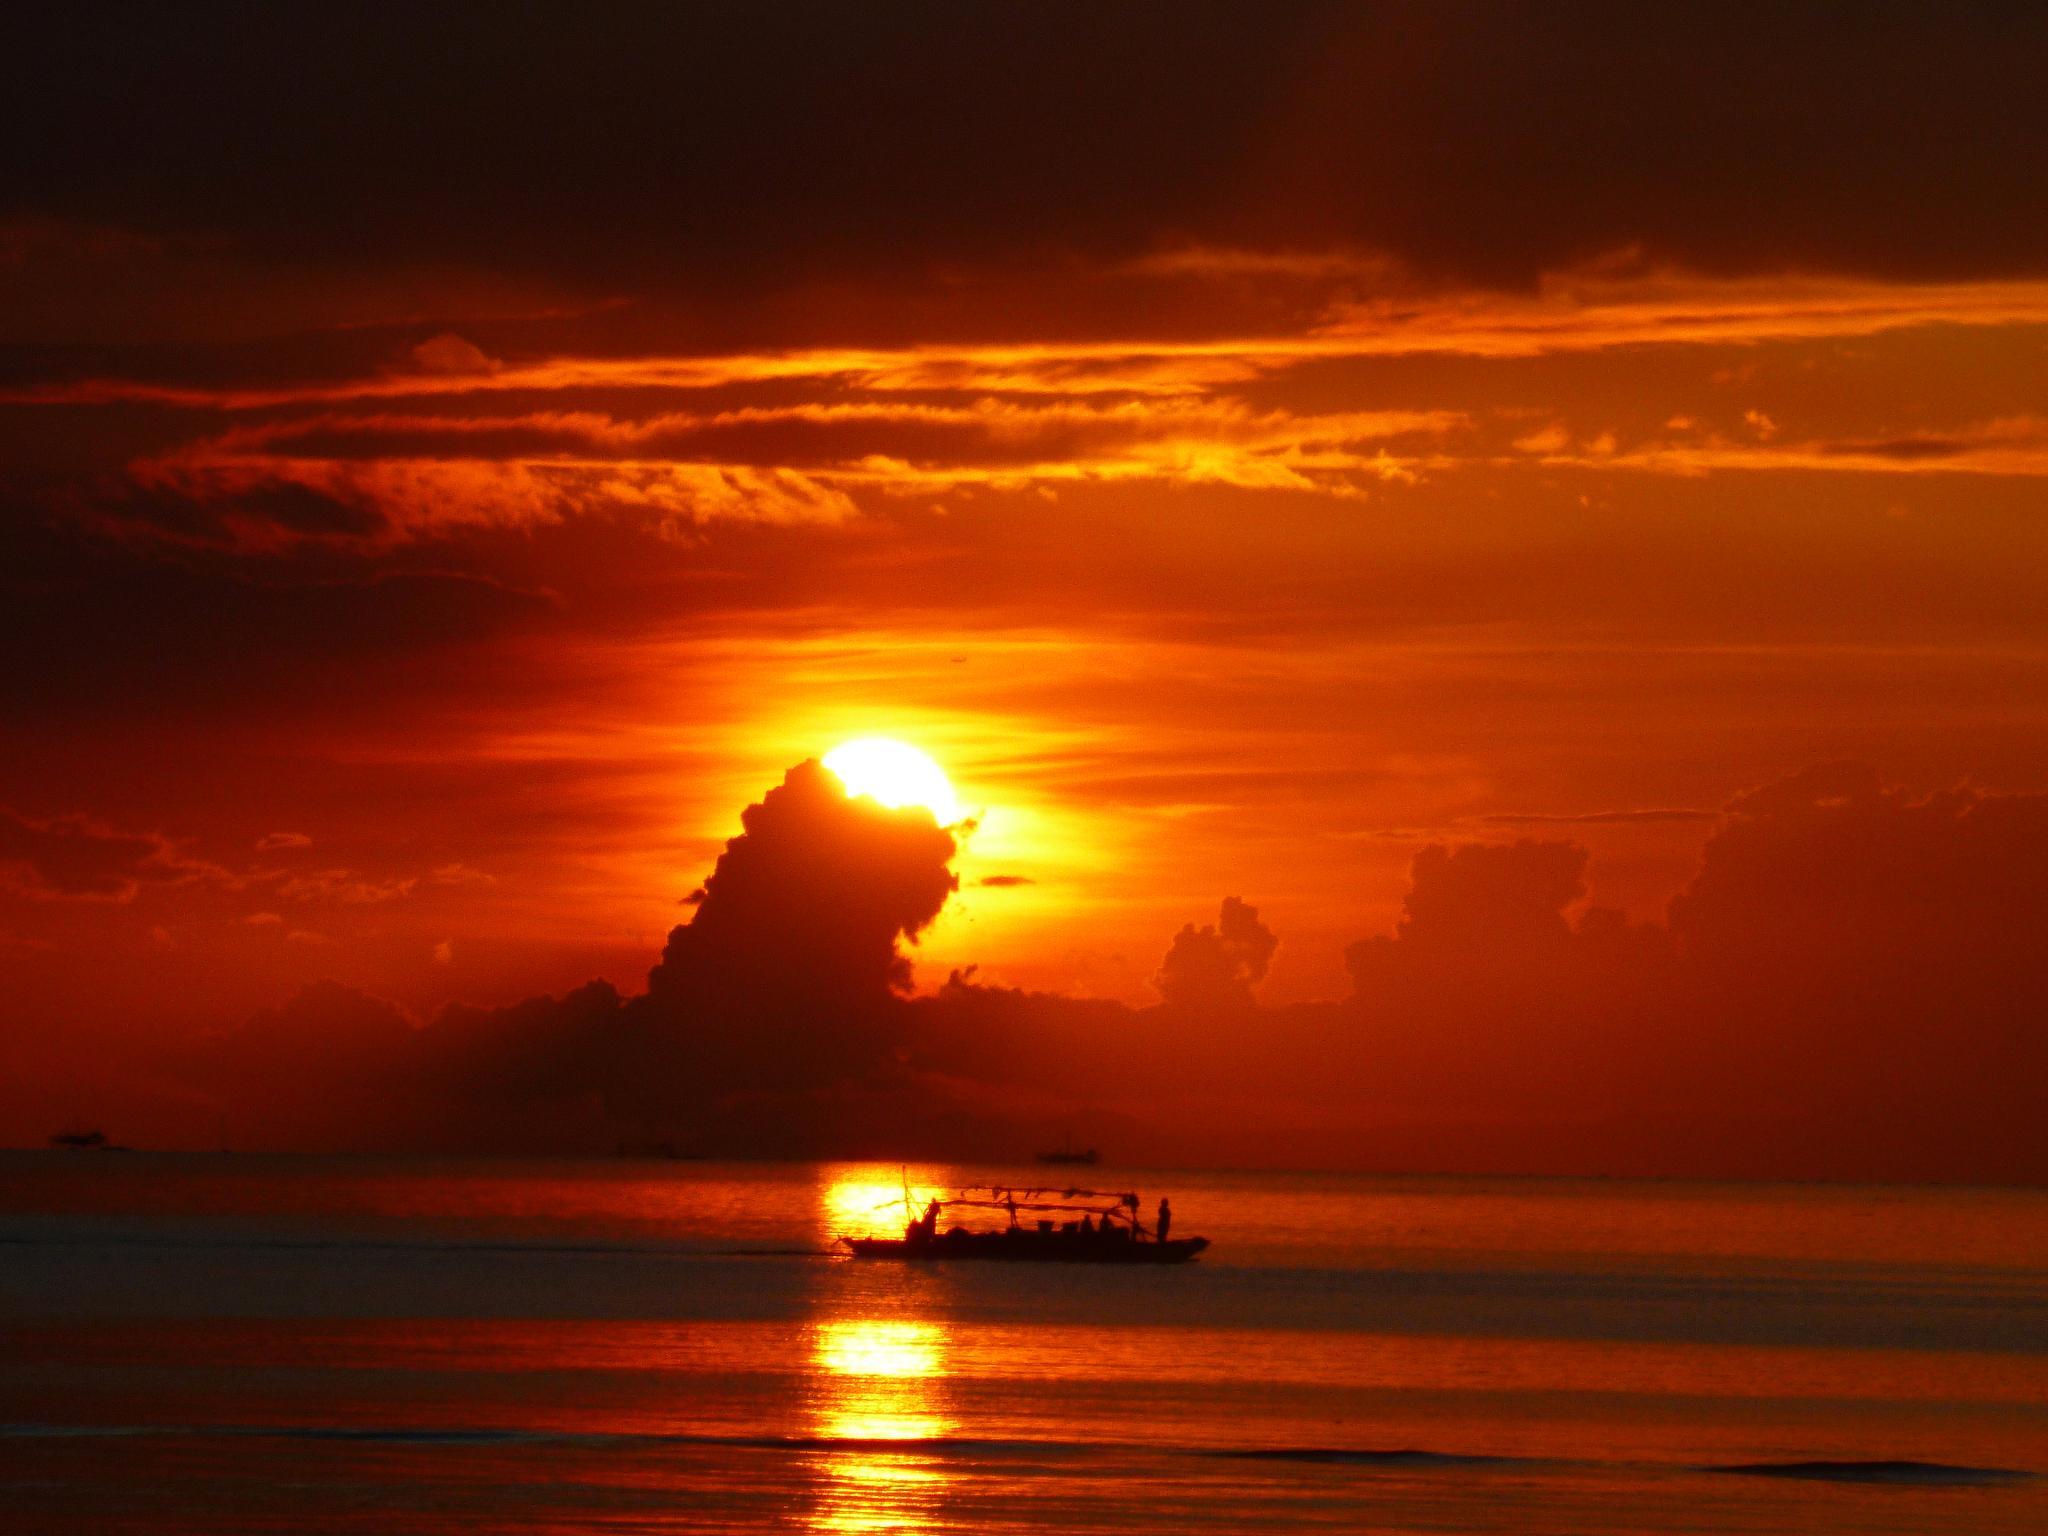 Sunset by Cj Pingul